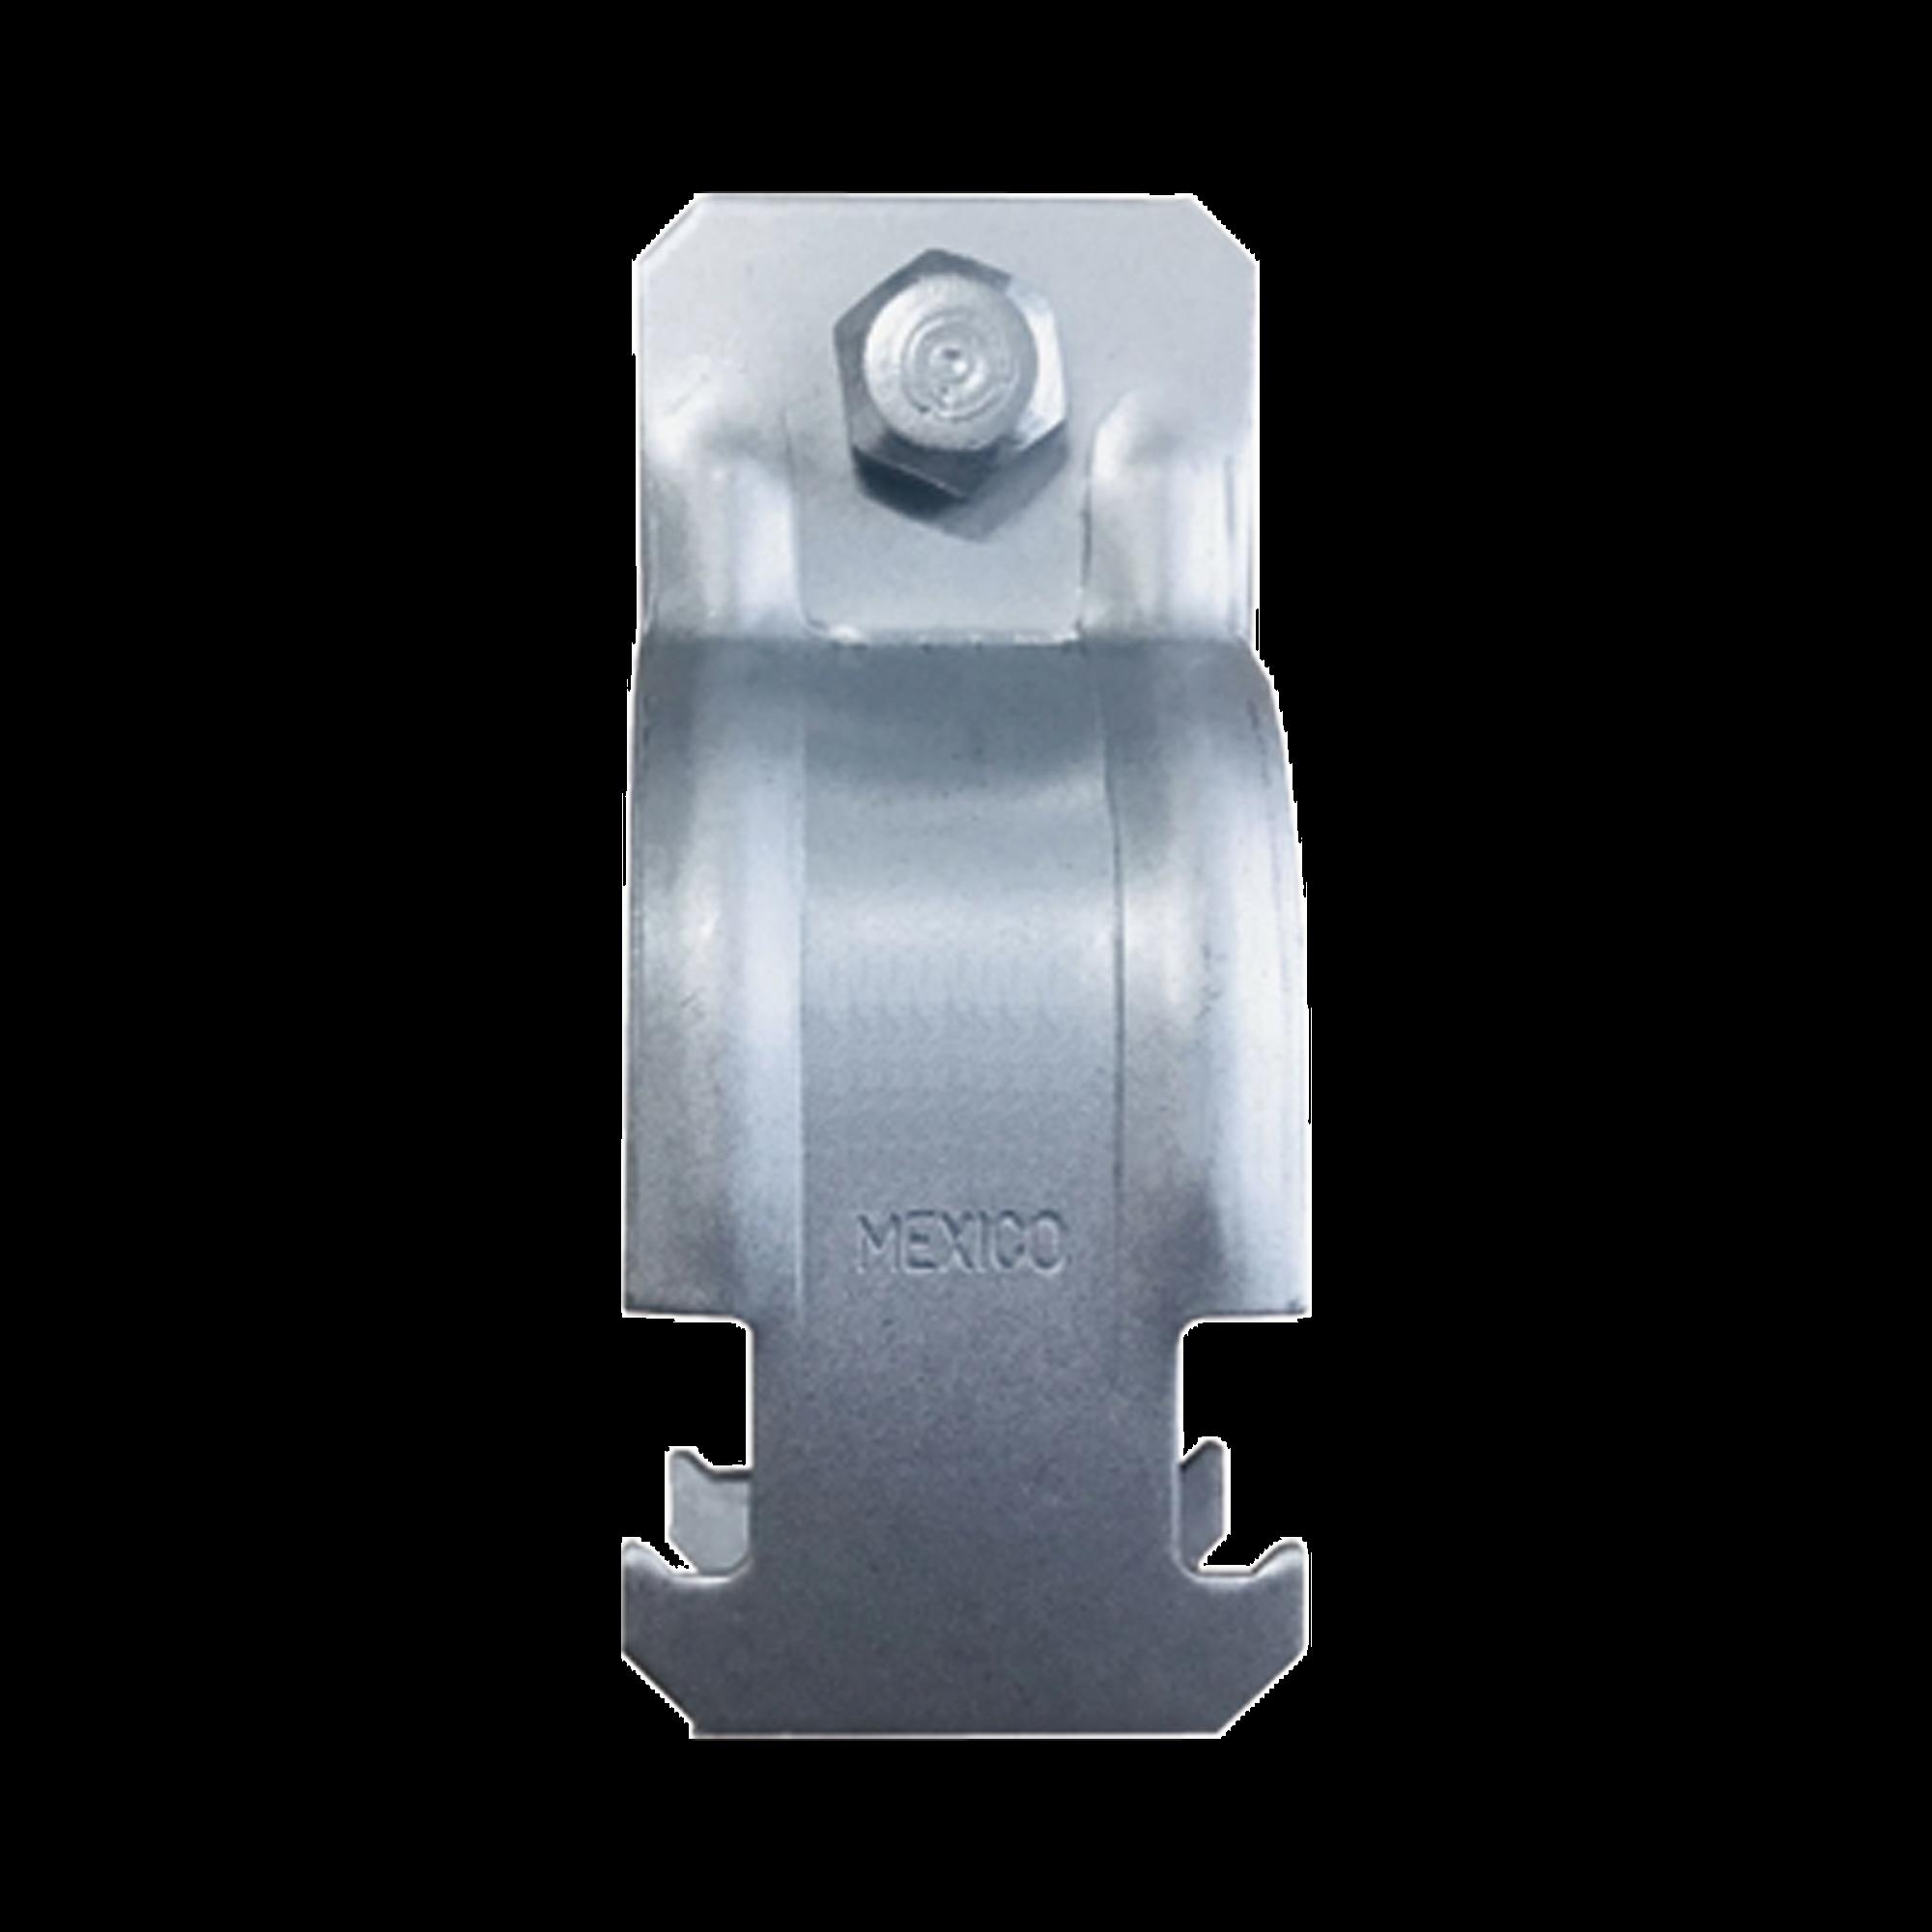 Abrazadera para Unicanal para Tubo Conduit de 1 1/2 (38 mm).